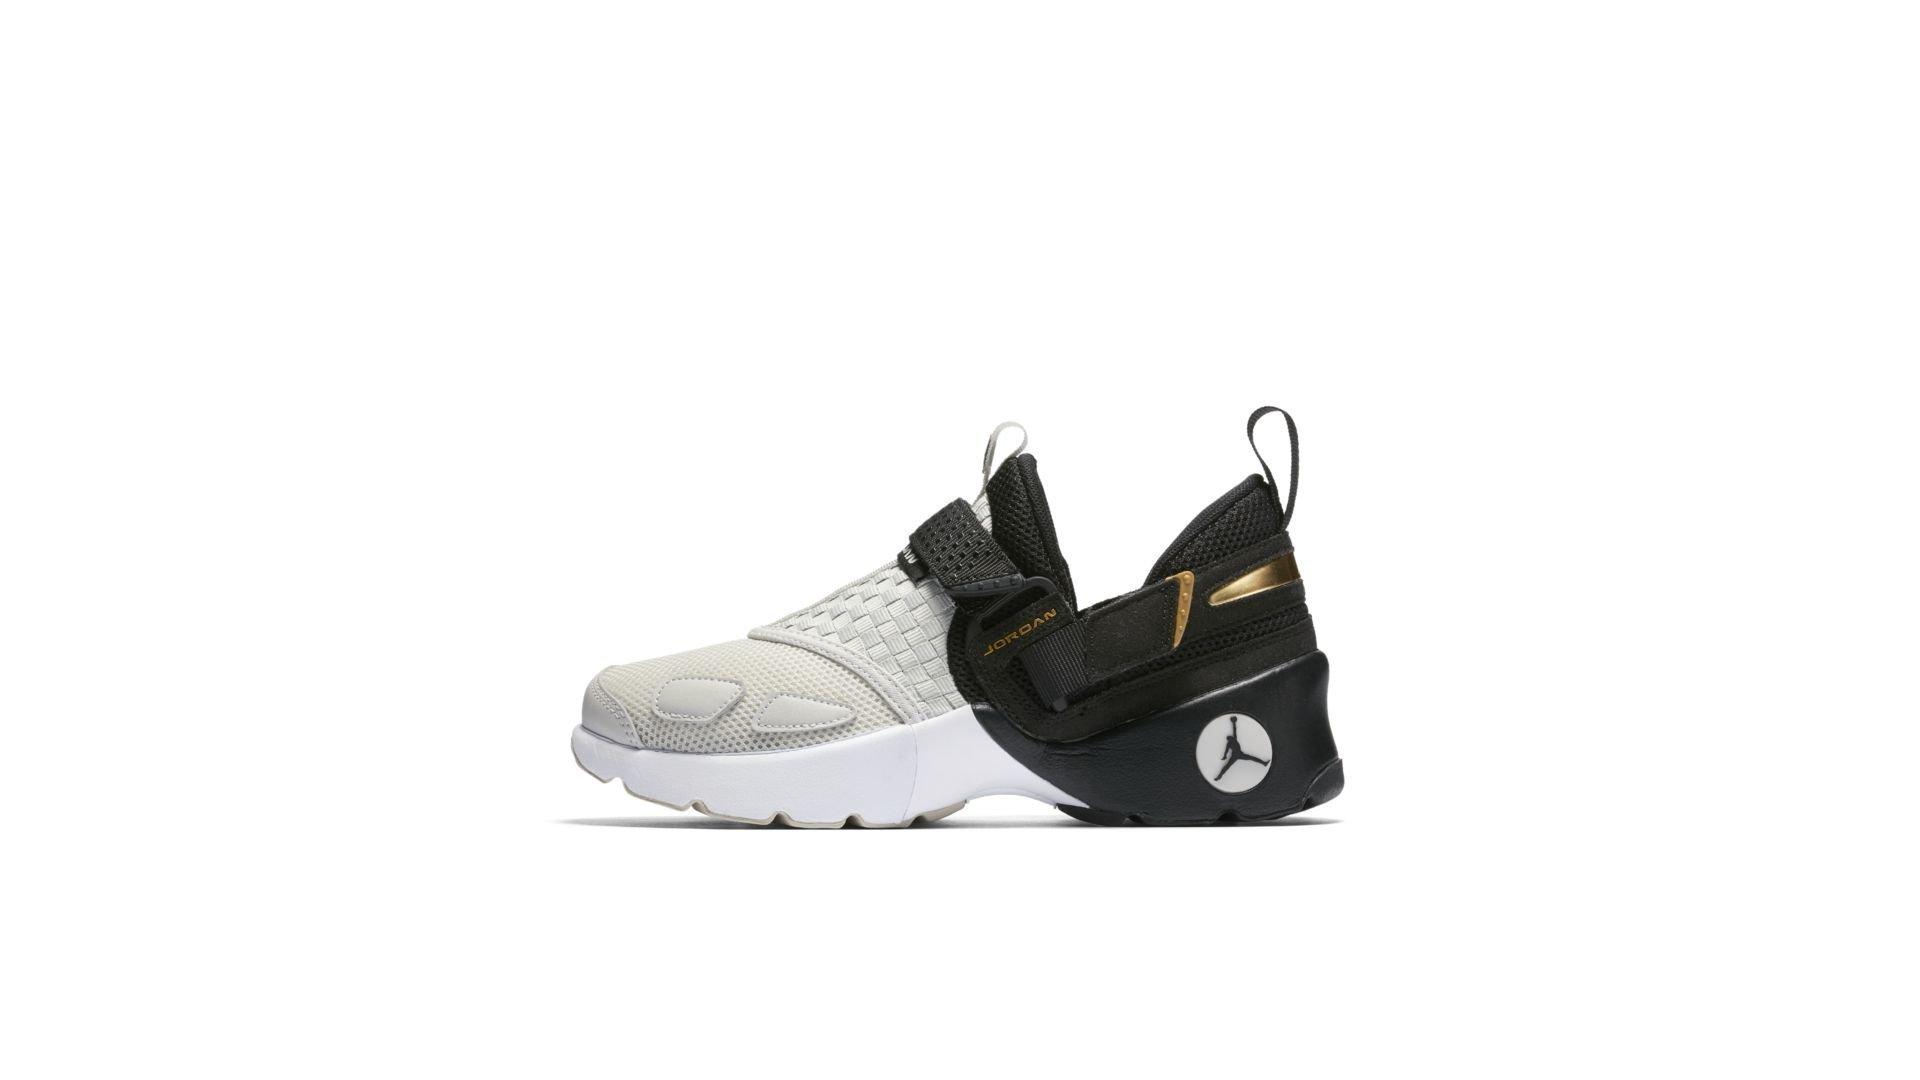 Jordan Trunner LX Black Light Bone (GS) (897996-031)